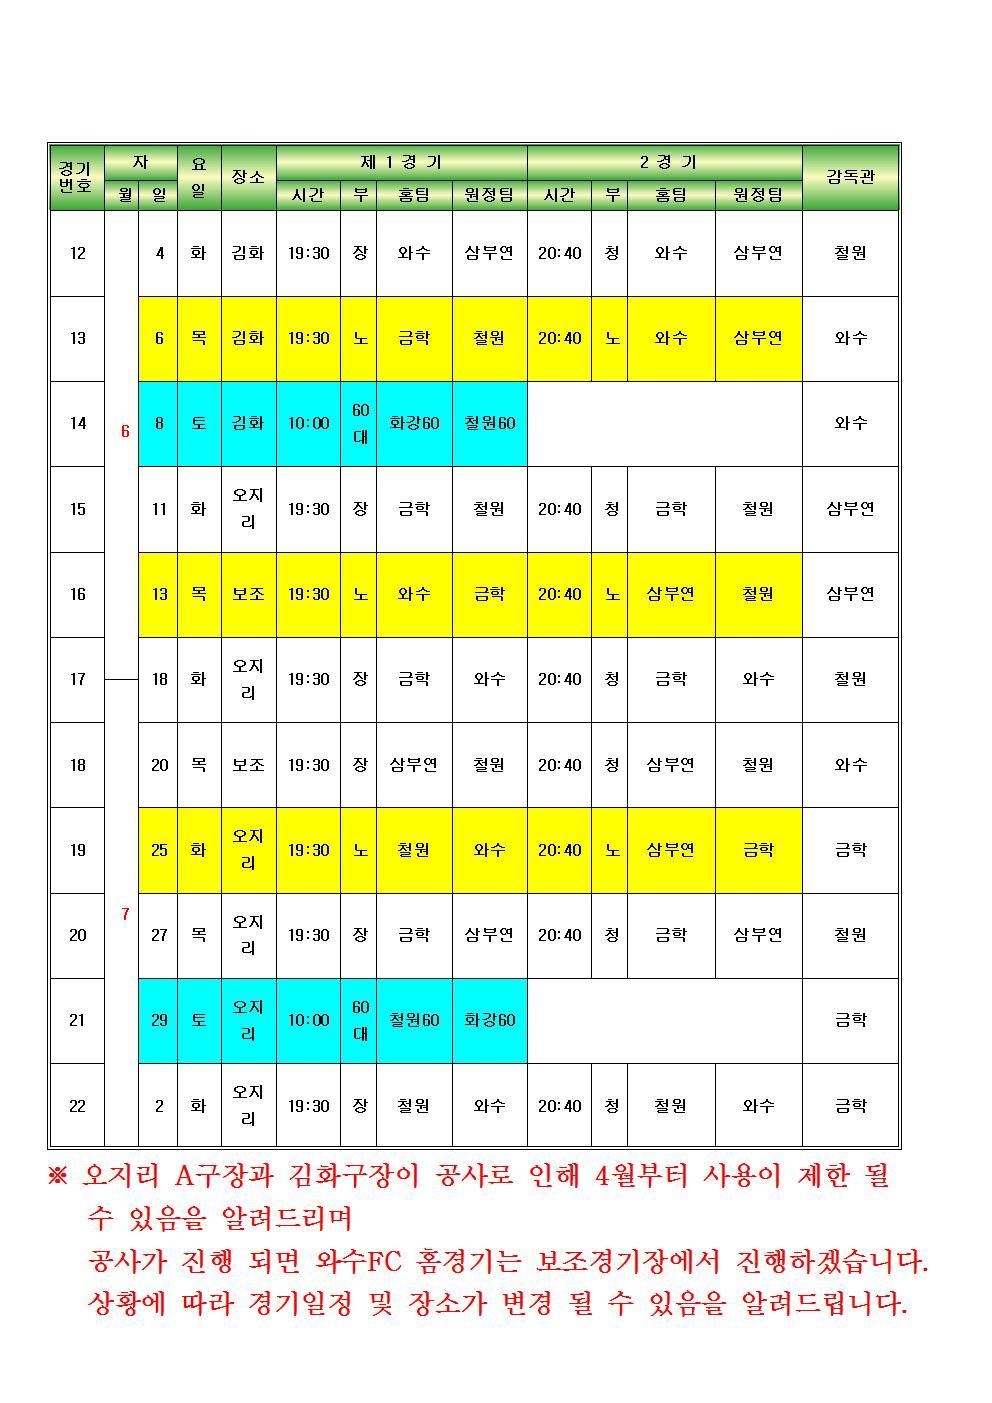 2019년 C- 리그전반기경기일정표 노장부 수정002.jpg